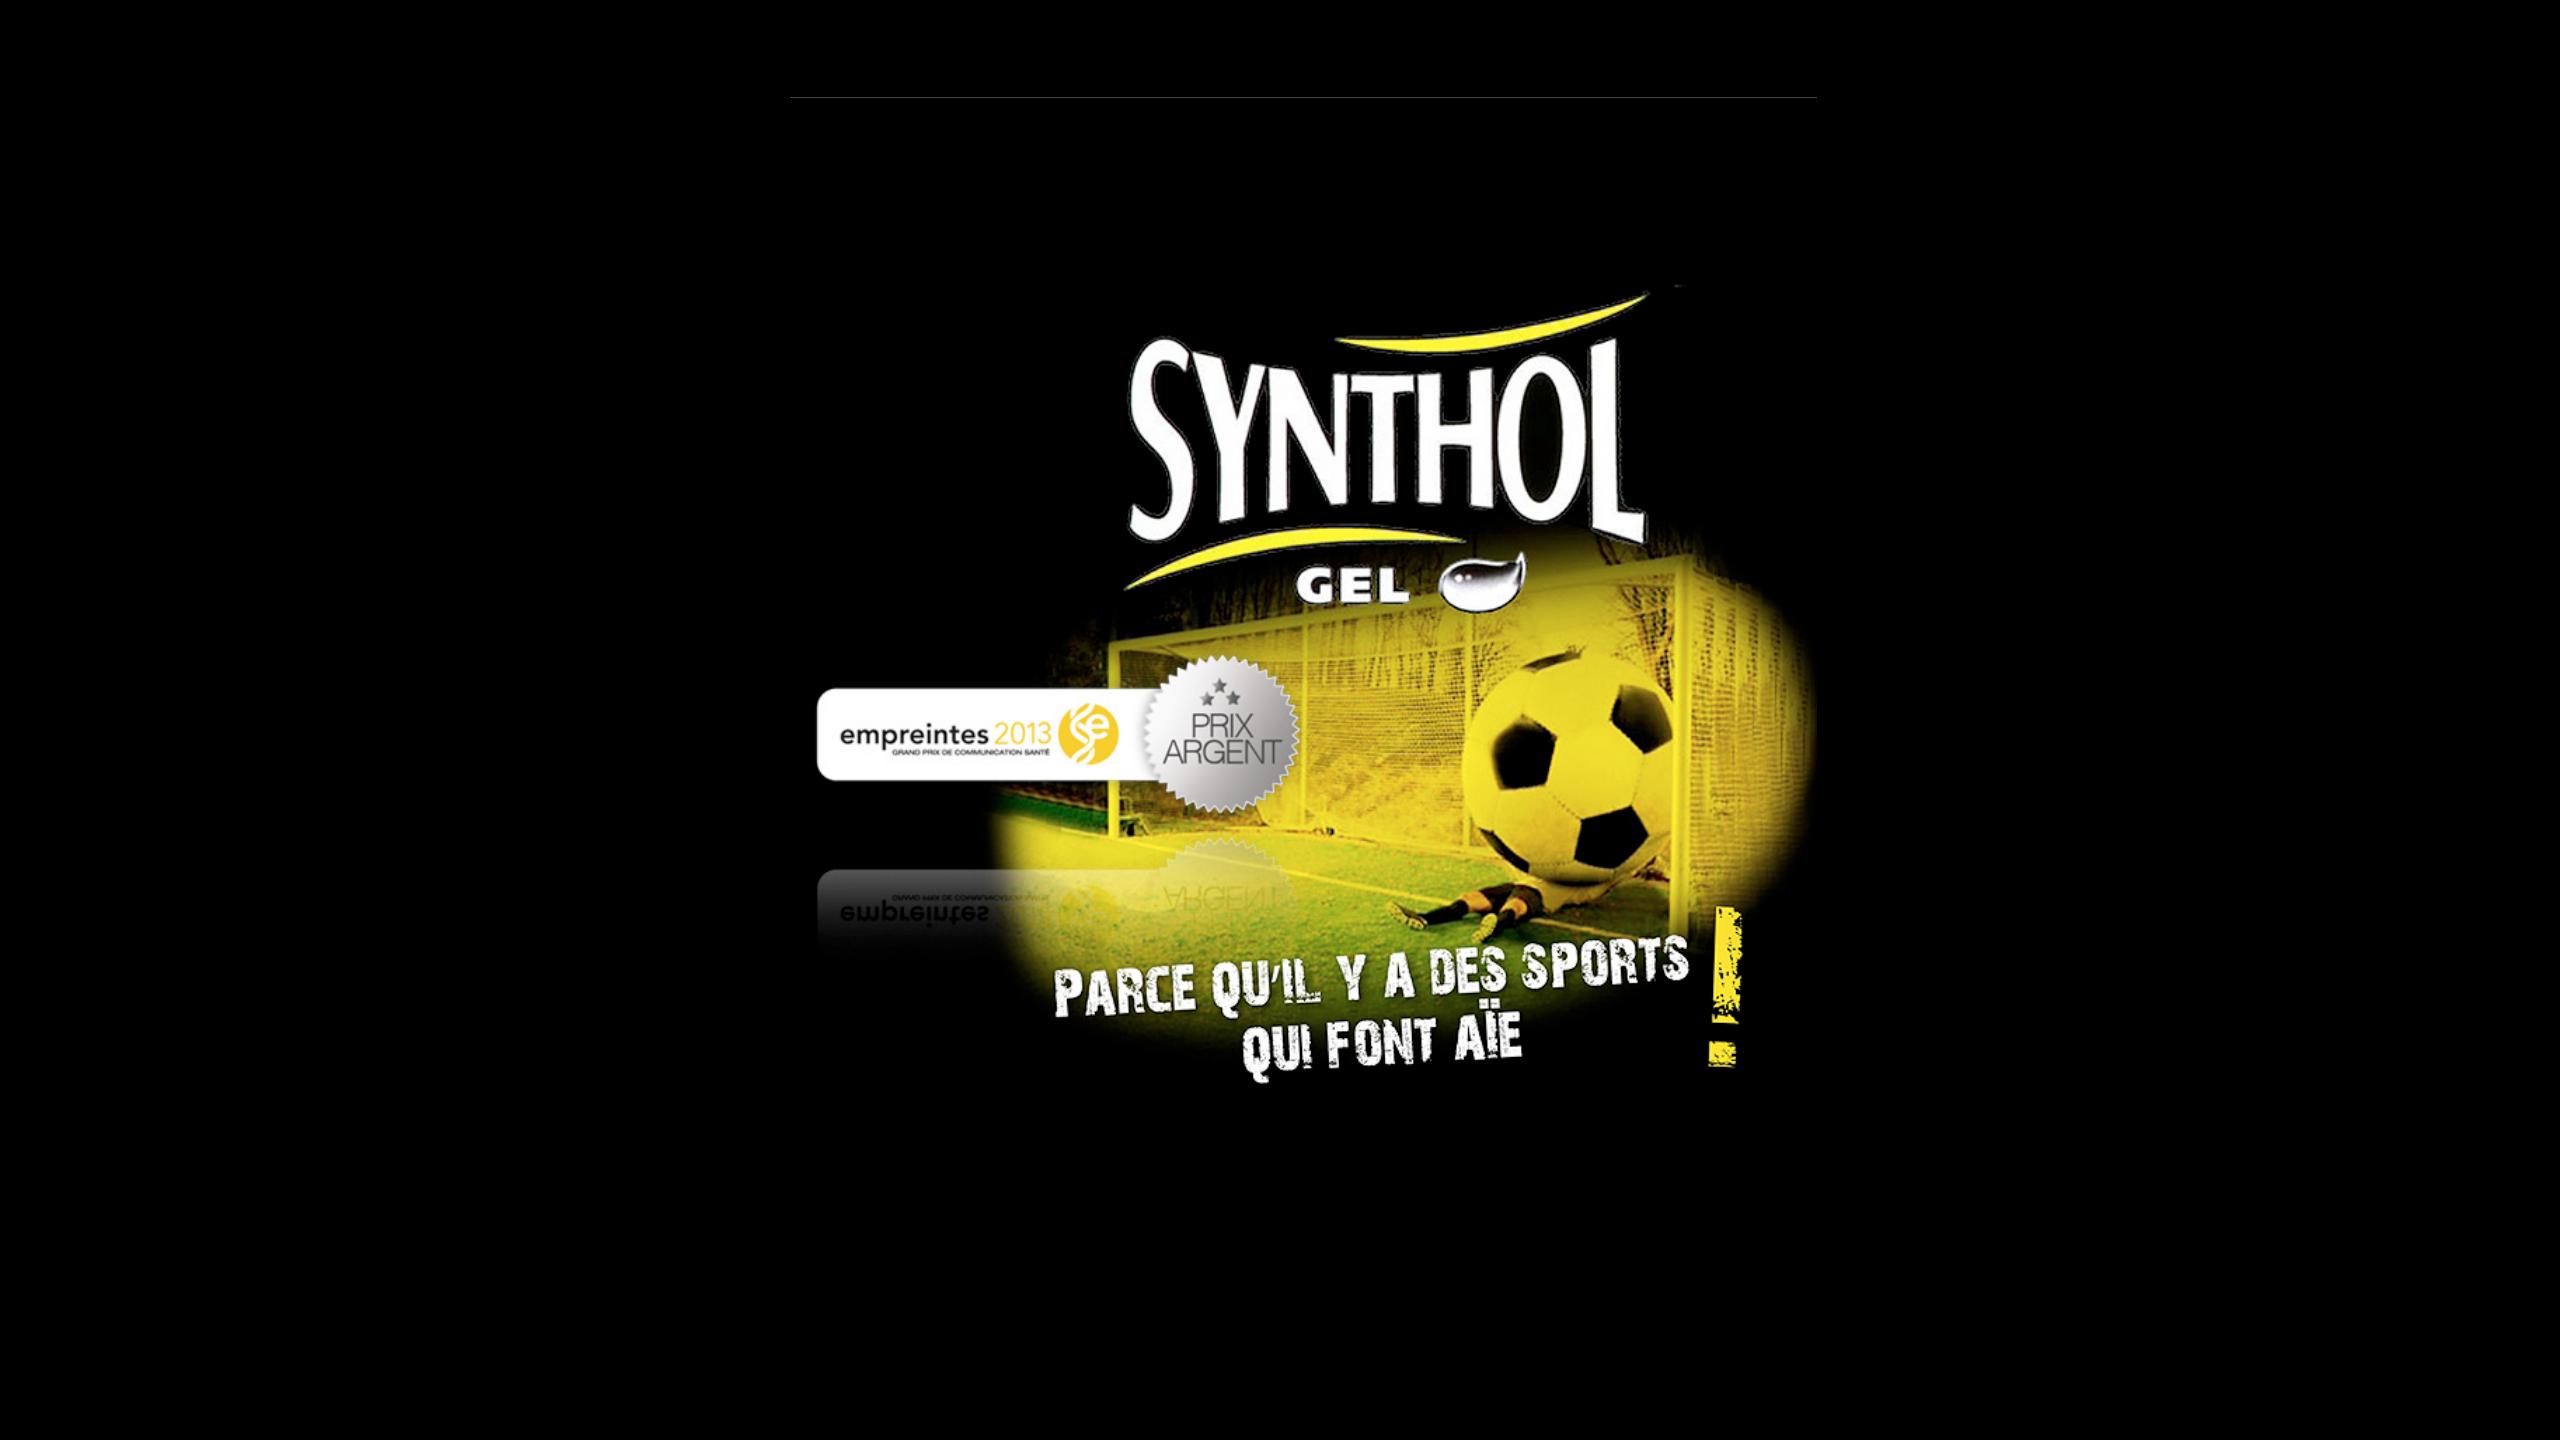 Produit Synthol by agency